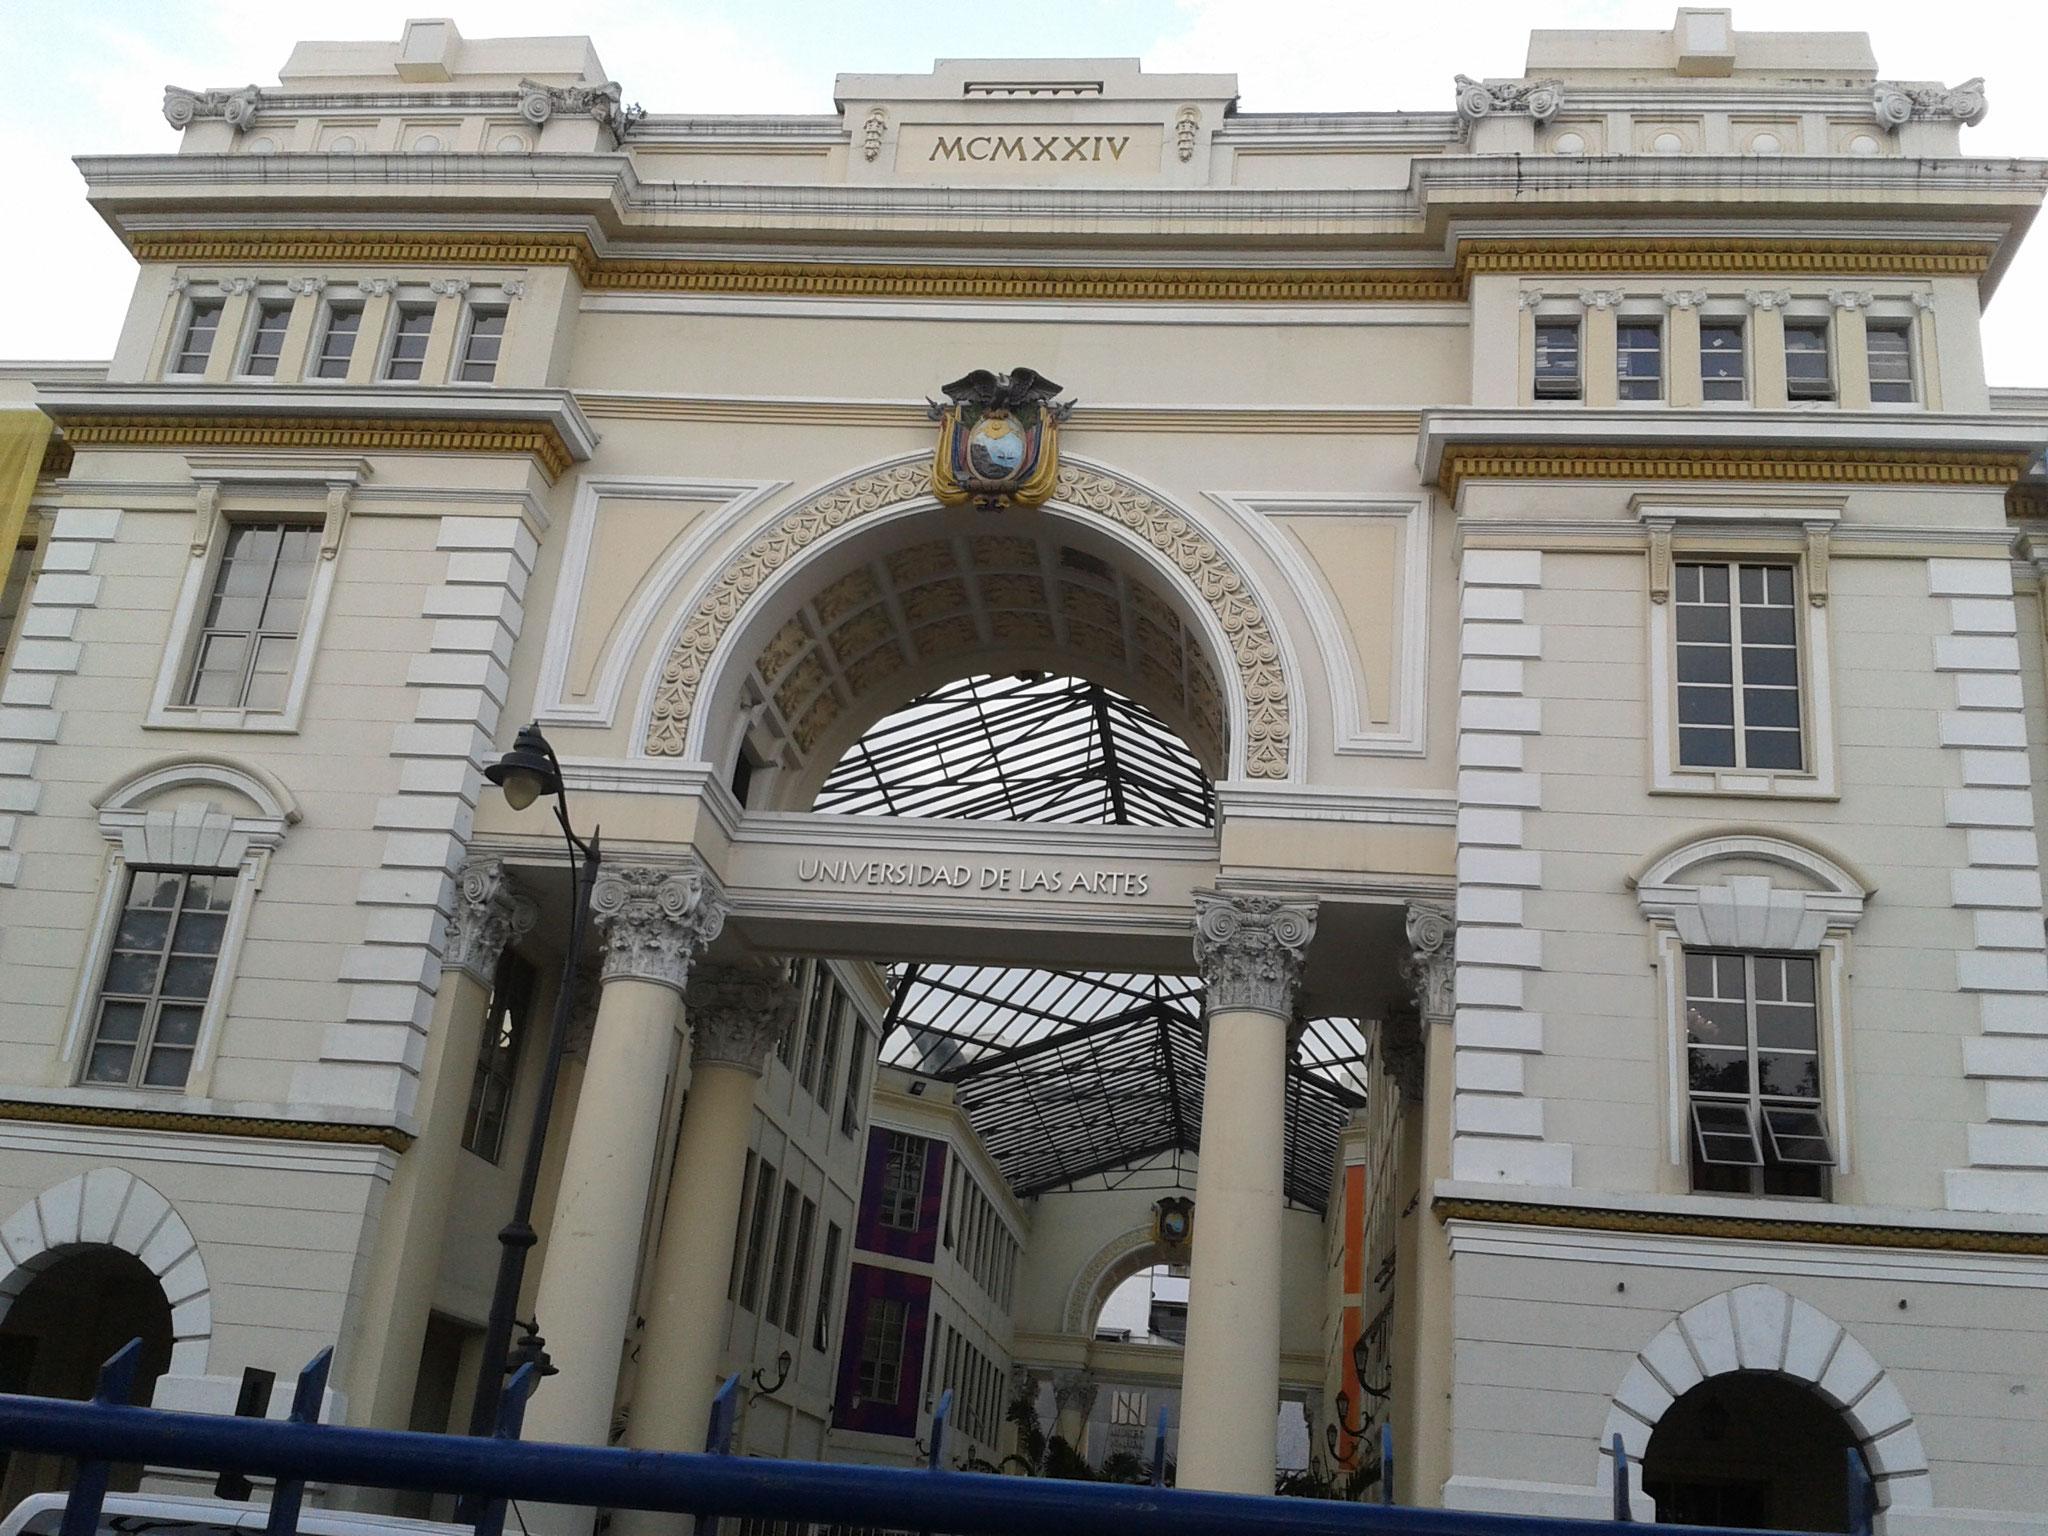 Universidad del las Artes (École des beaux-Arts) de Guayaquil, Guayas